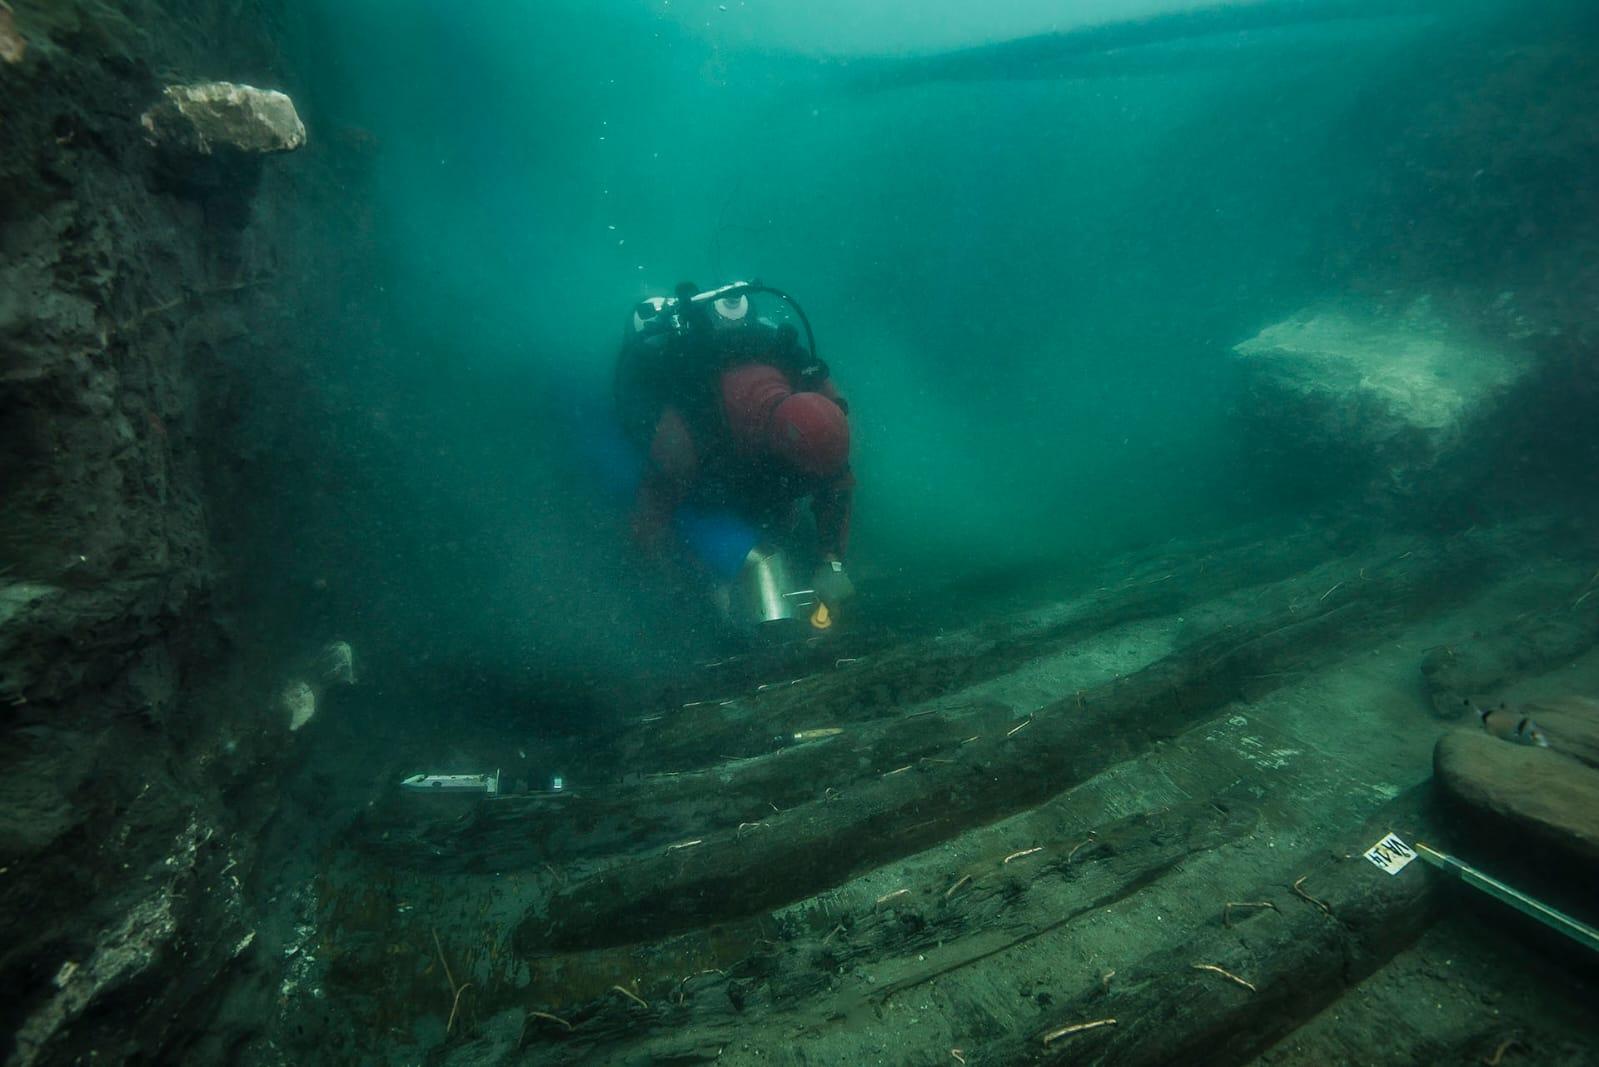 اكتشاف حطام سفينة حربية من العصر البطلمي وبقايا منطقة جنائزية بالاسكندرية